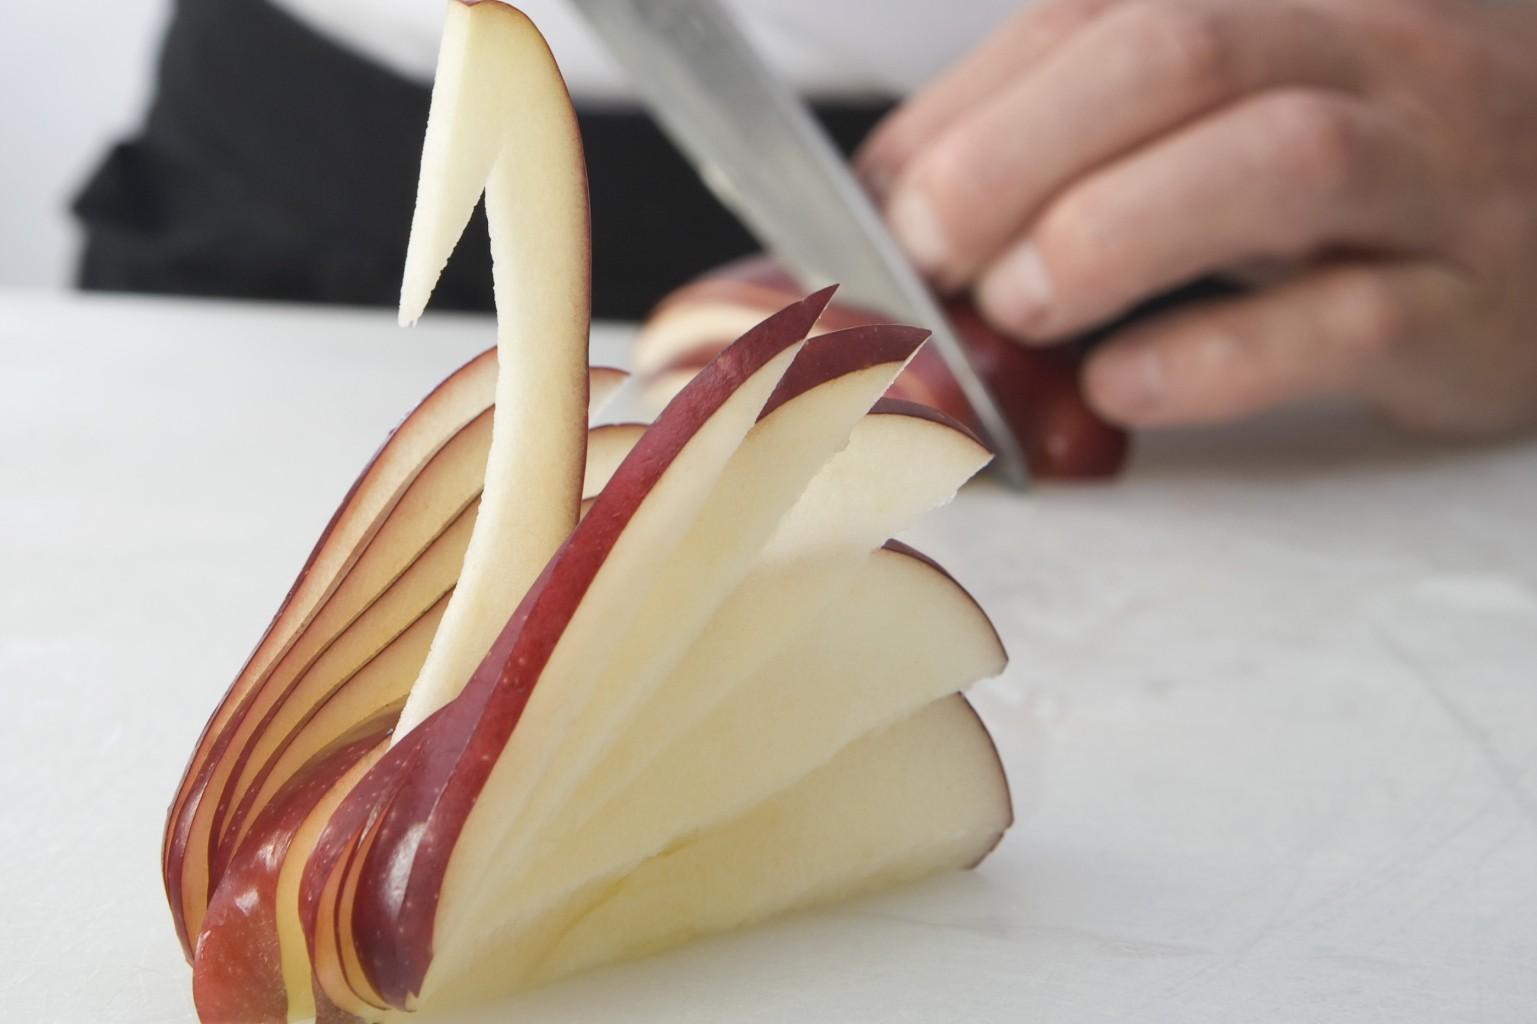 Come Creare Un Pupazzo Con Le Calze Fai Da Te Mania Pictures To Pin On  #905D3B 1537 1024 Programma Per Creare Ricette Di Cucina